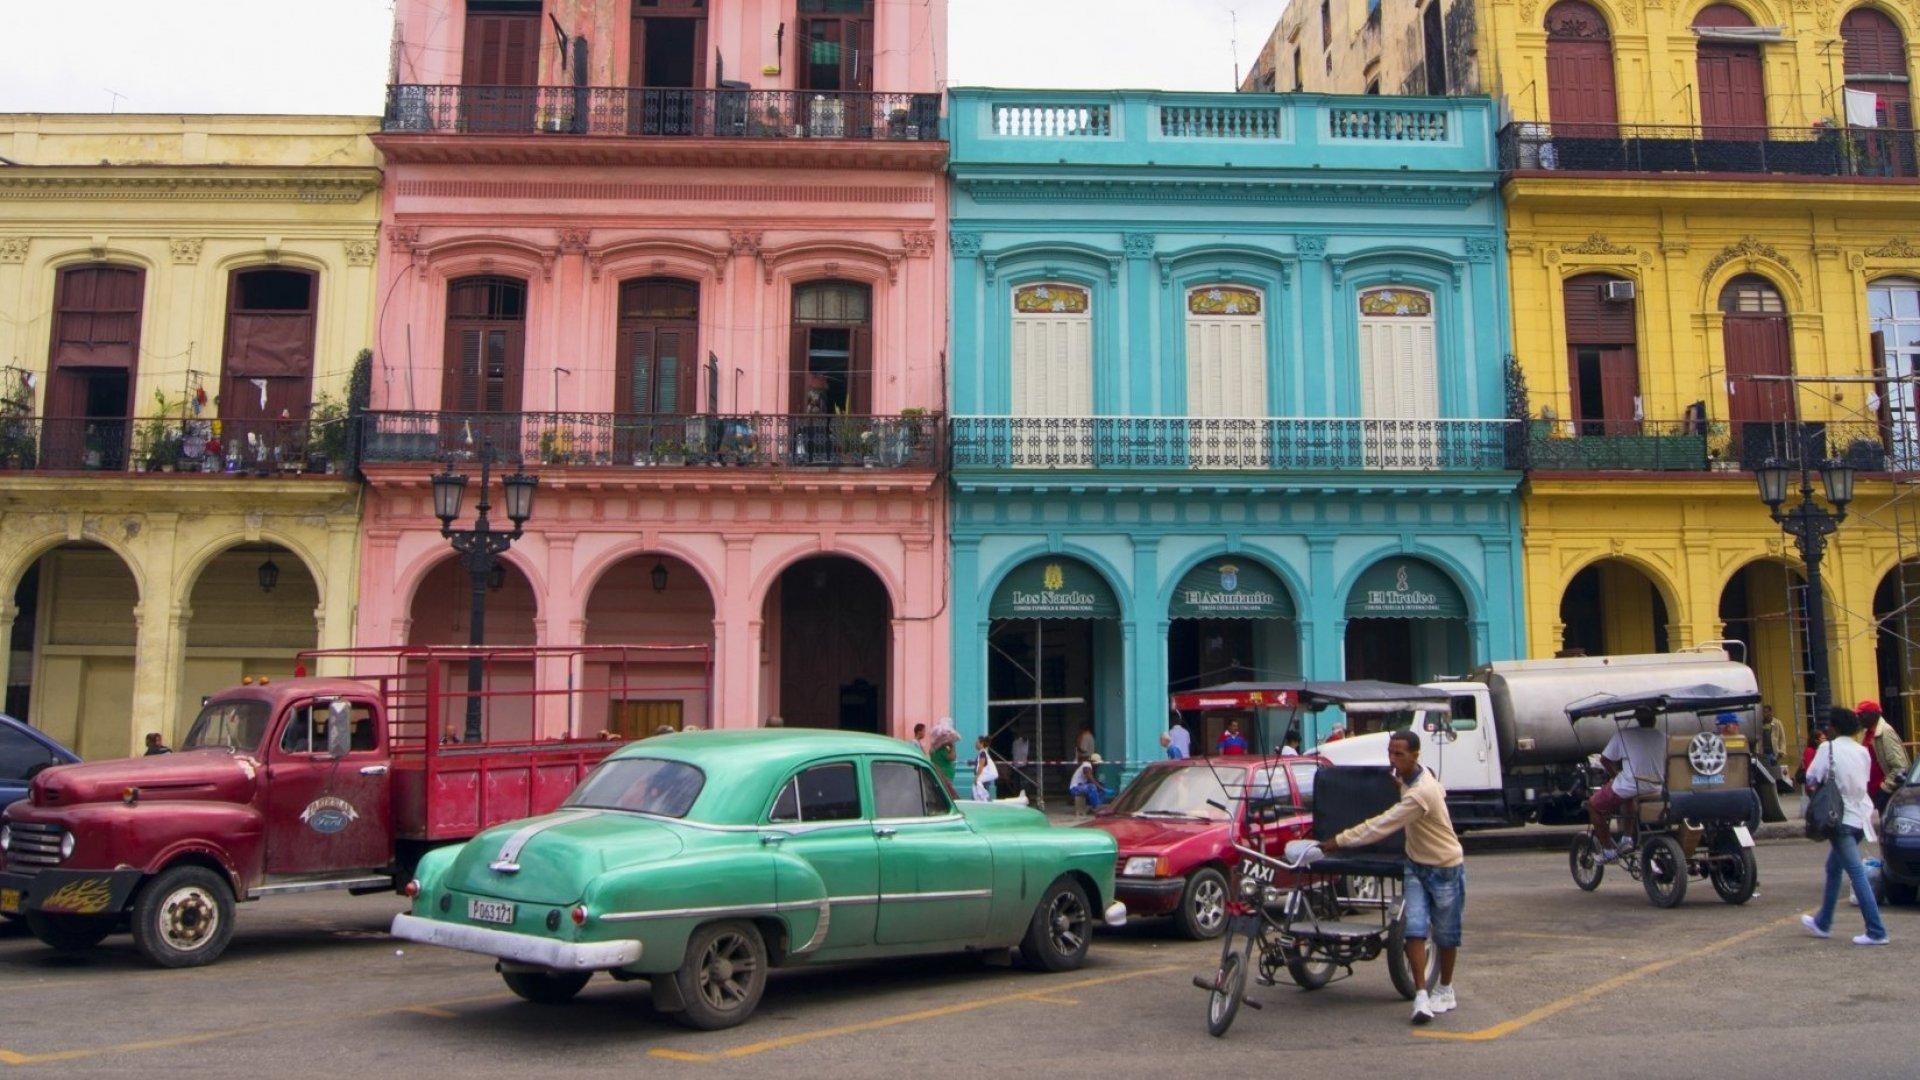 Cuba: The U.S. Entrepreneur's Next Best Frontier